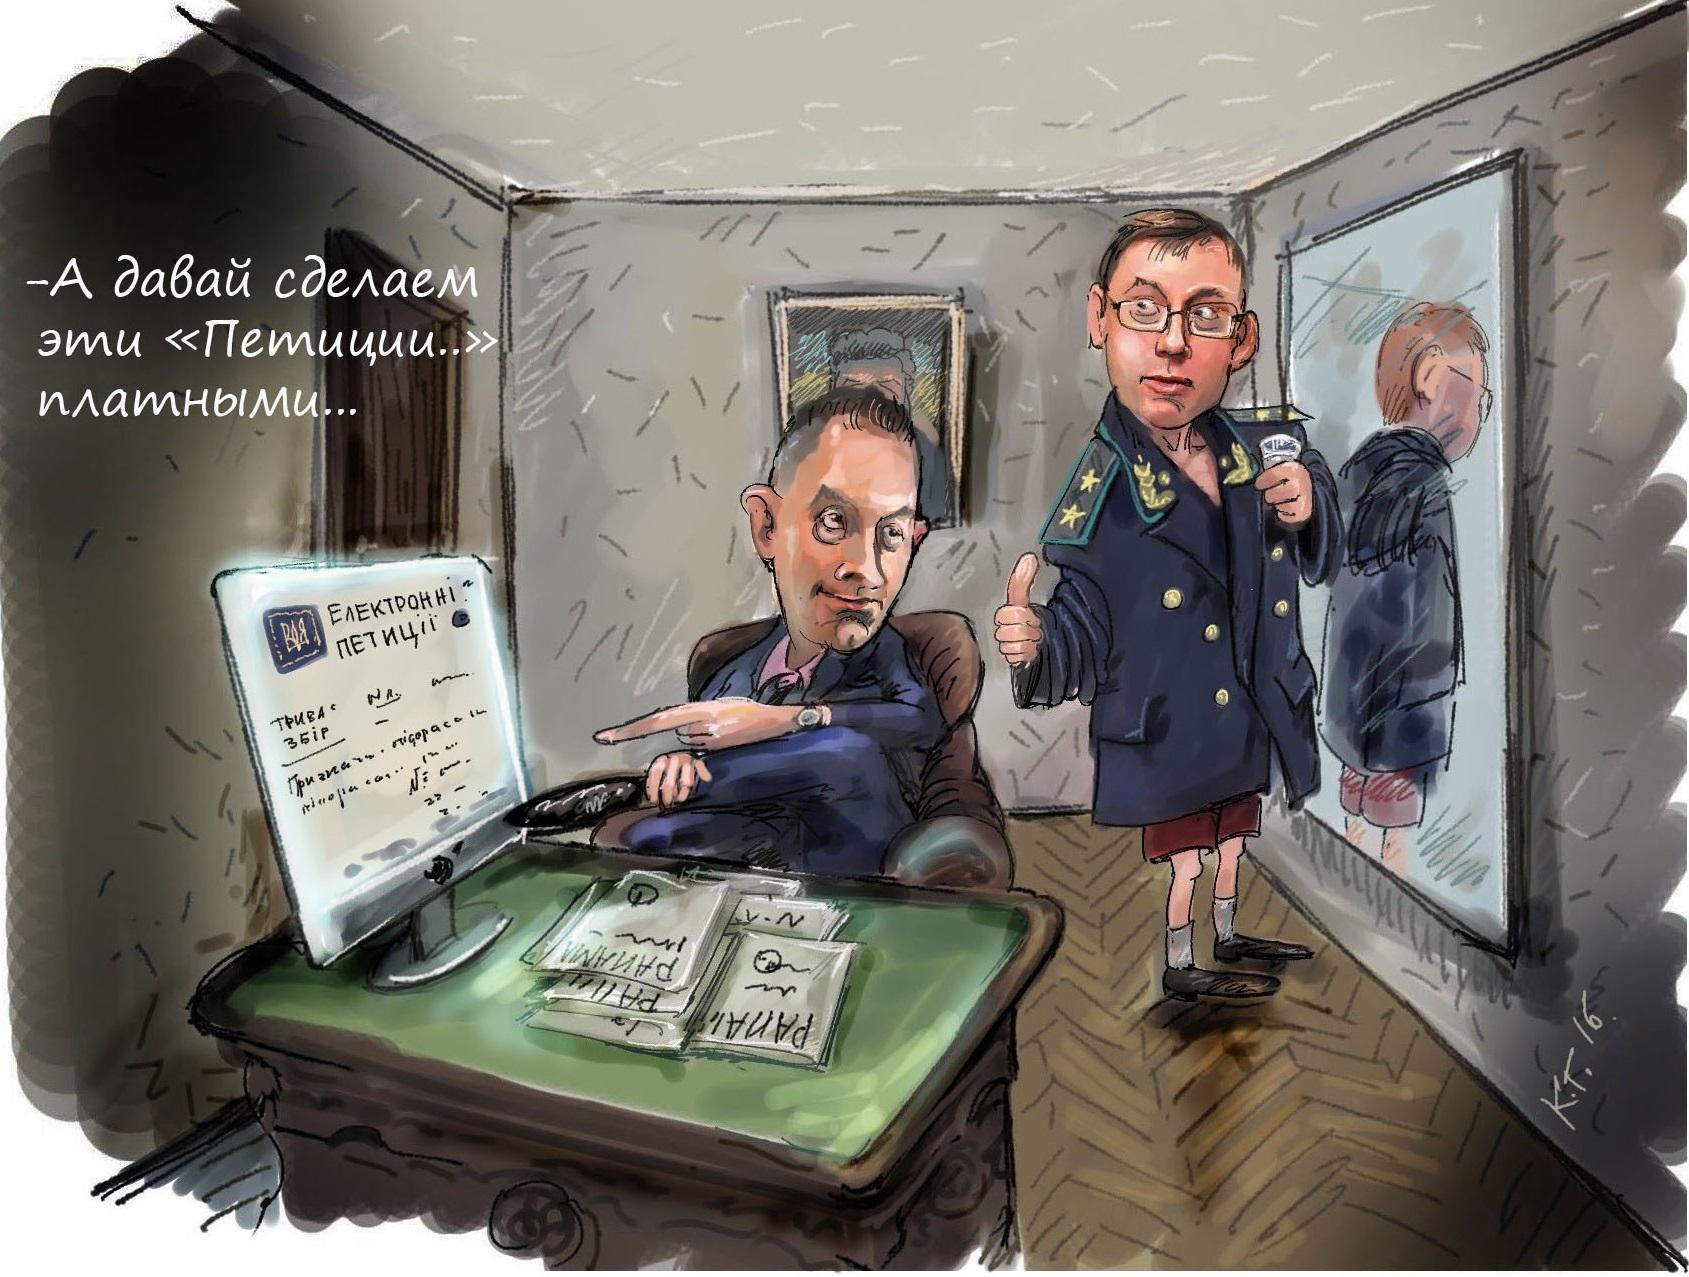 Найденные у экс-прокурора Корнийца бриллианты не являются похищенными вещдоками, - ГПУ - Цензор.НЕТ 1739